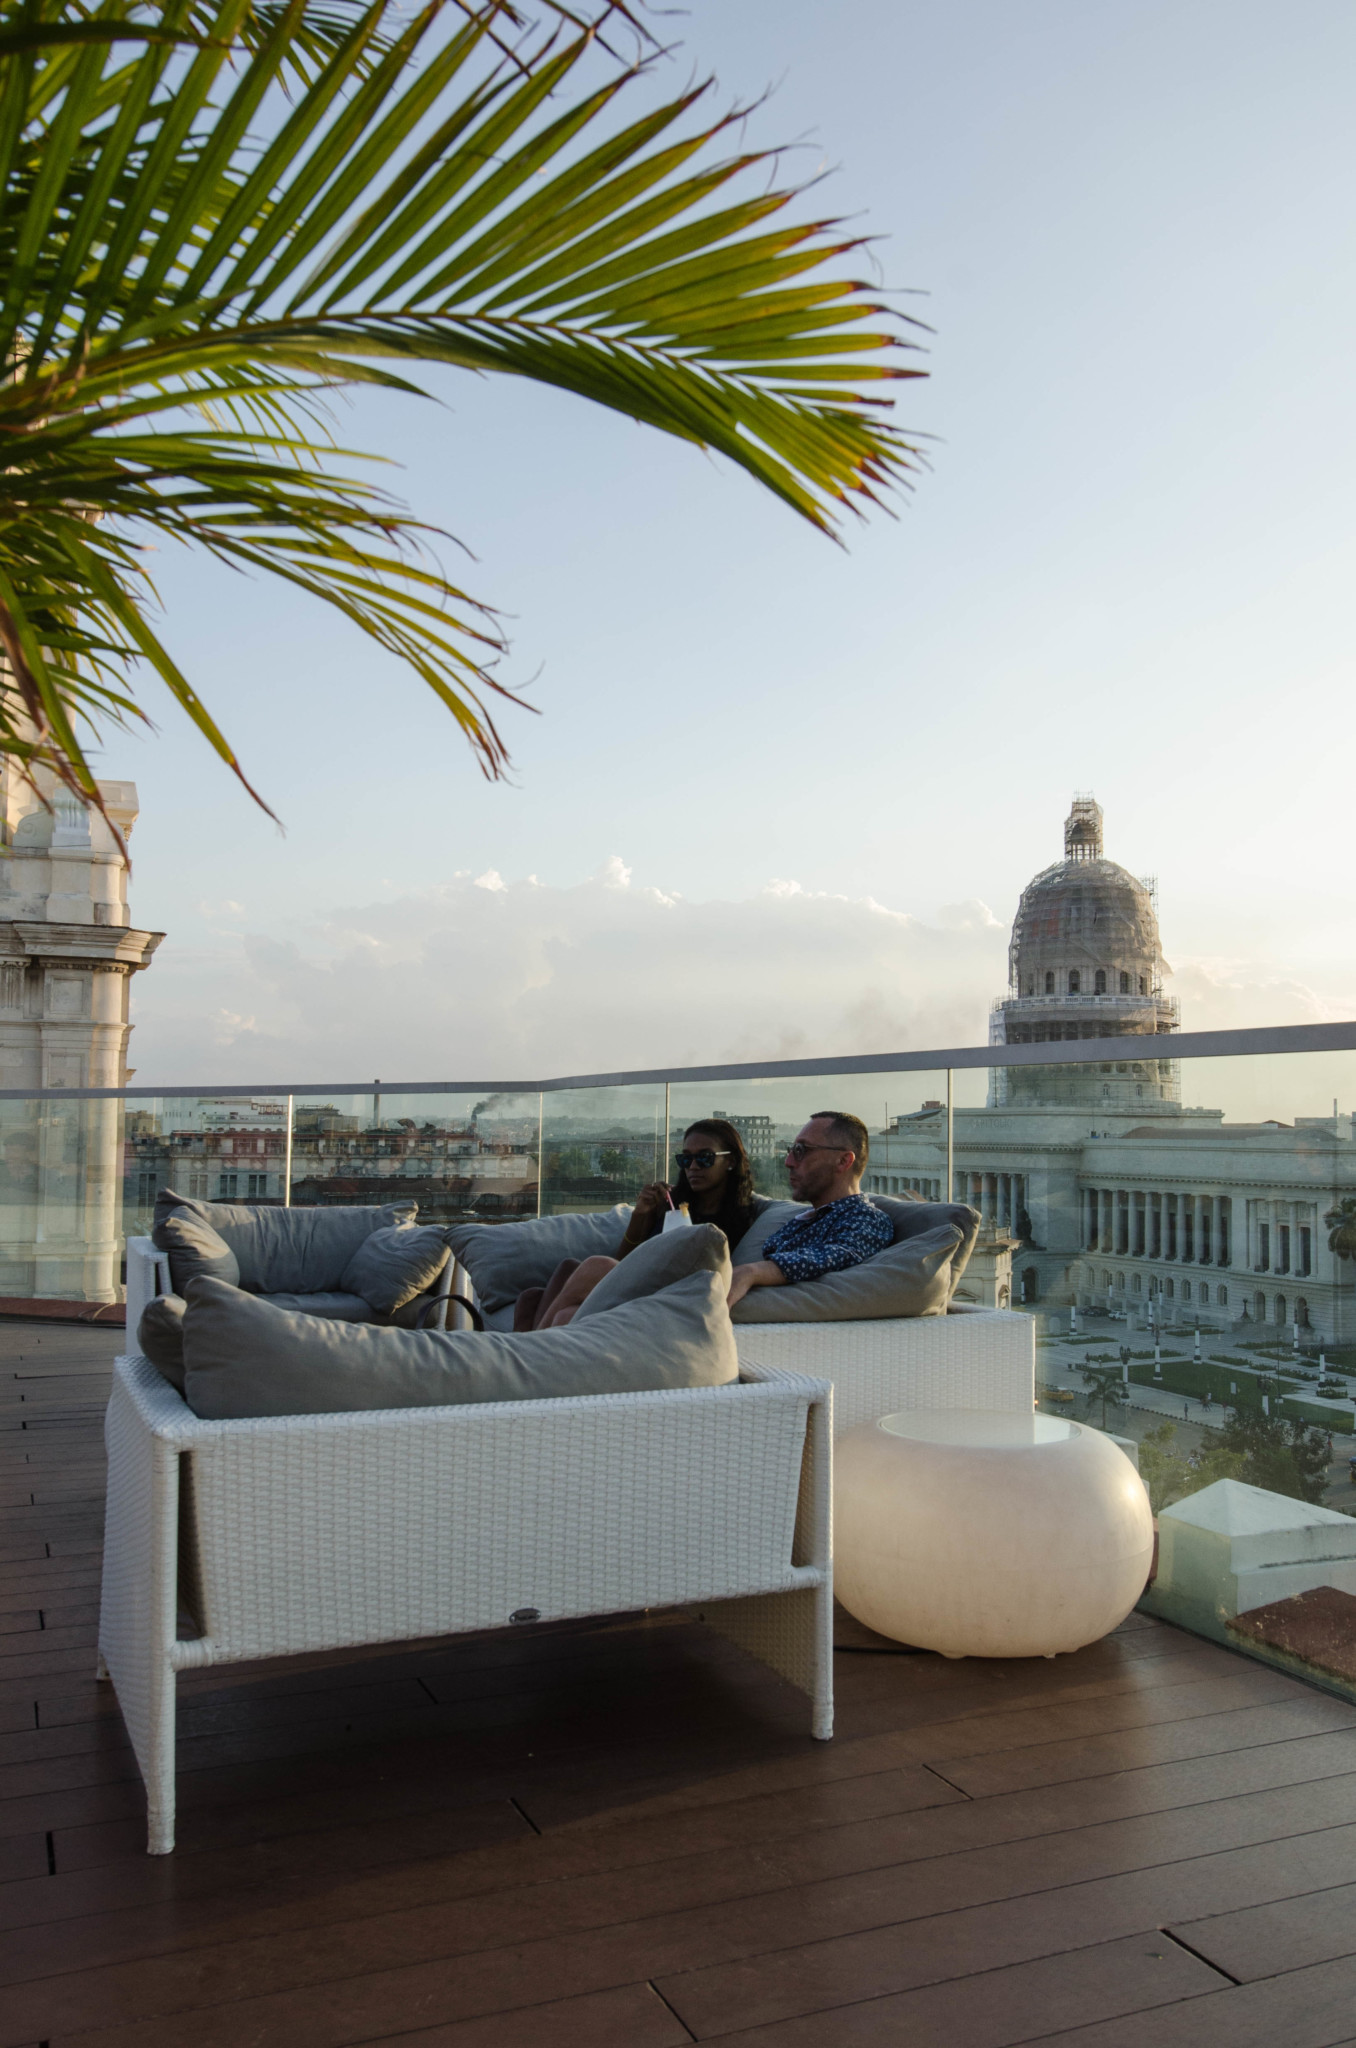 Dachterrasse auf dem Kempinski Hotel in Havanna Kuba